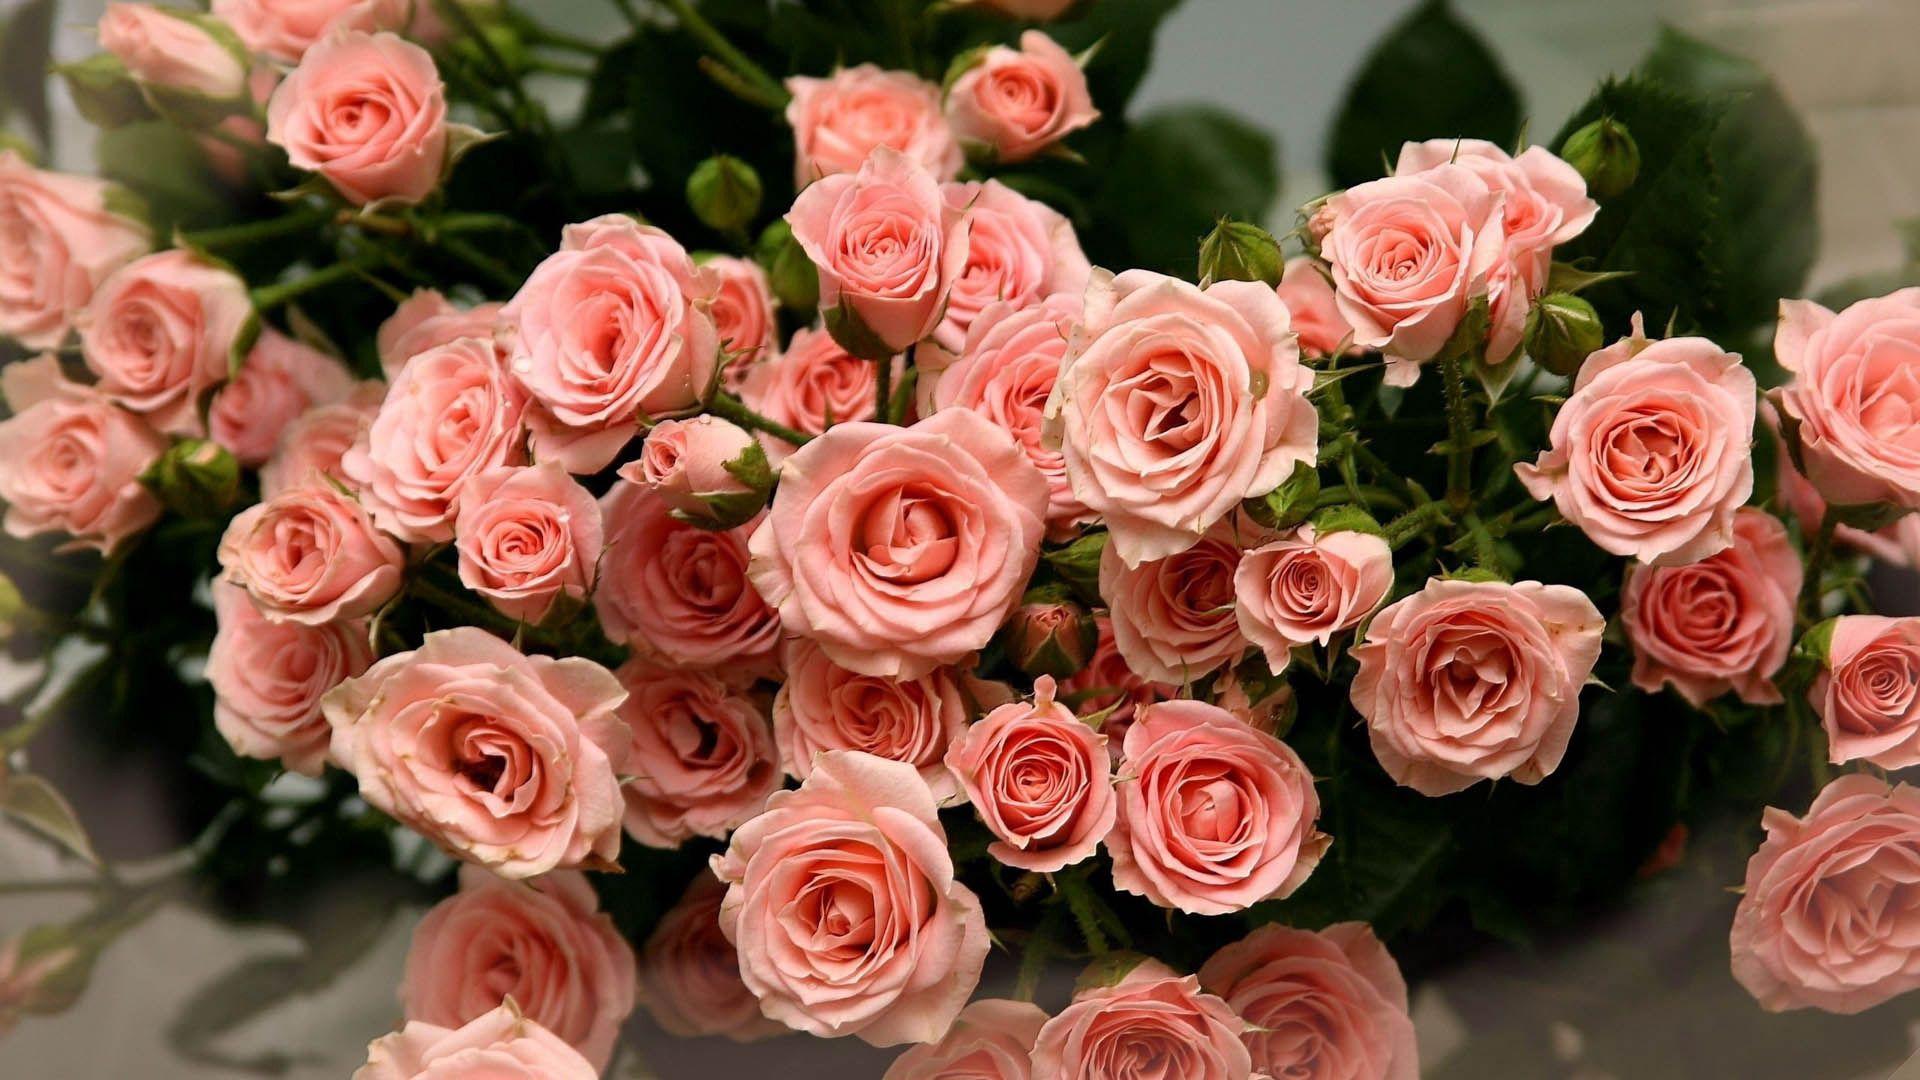 75927 скачать обои Цветы, Розовый, Лепестки, Букет, Розы - заставки и картинки бесплатно